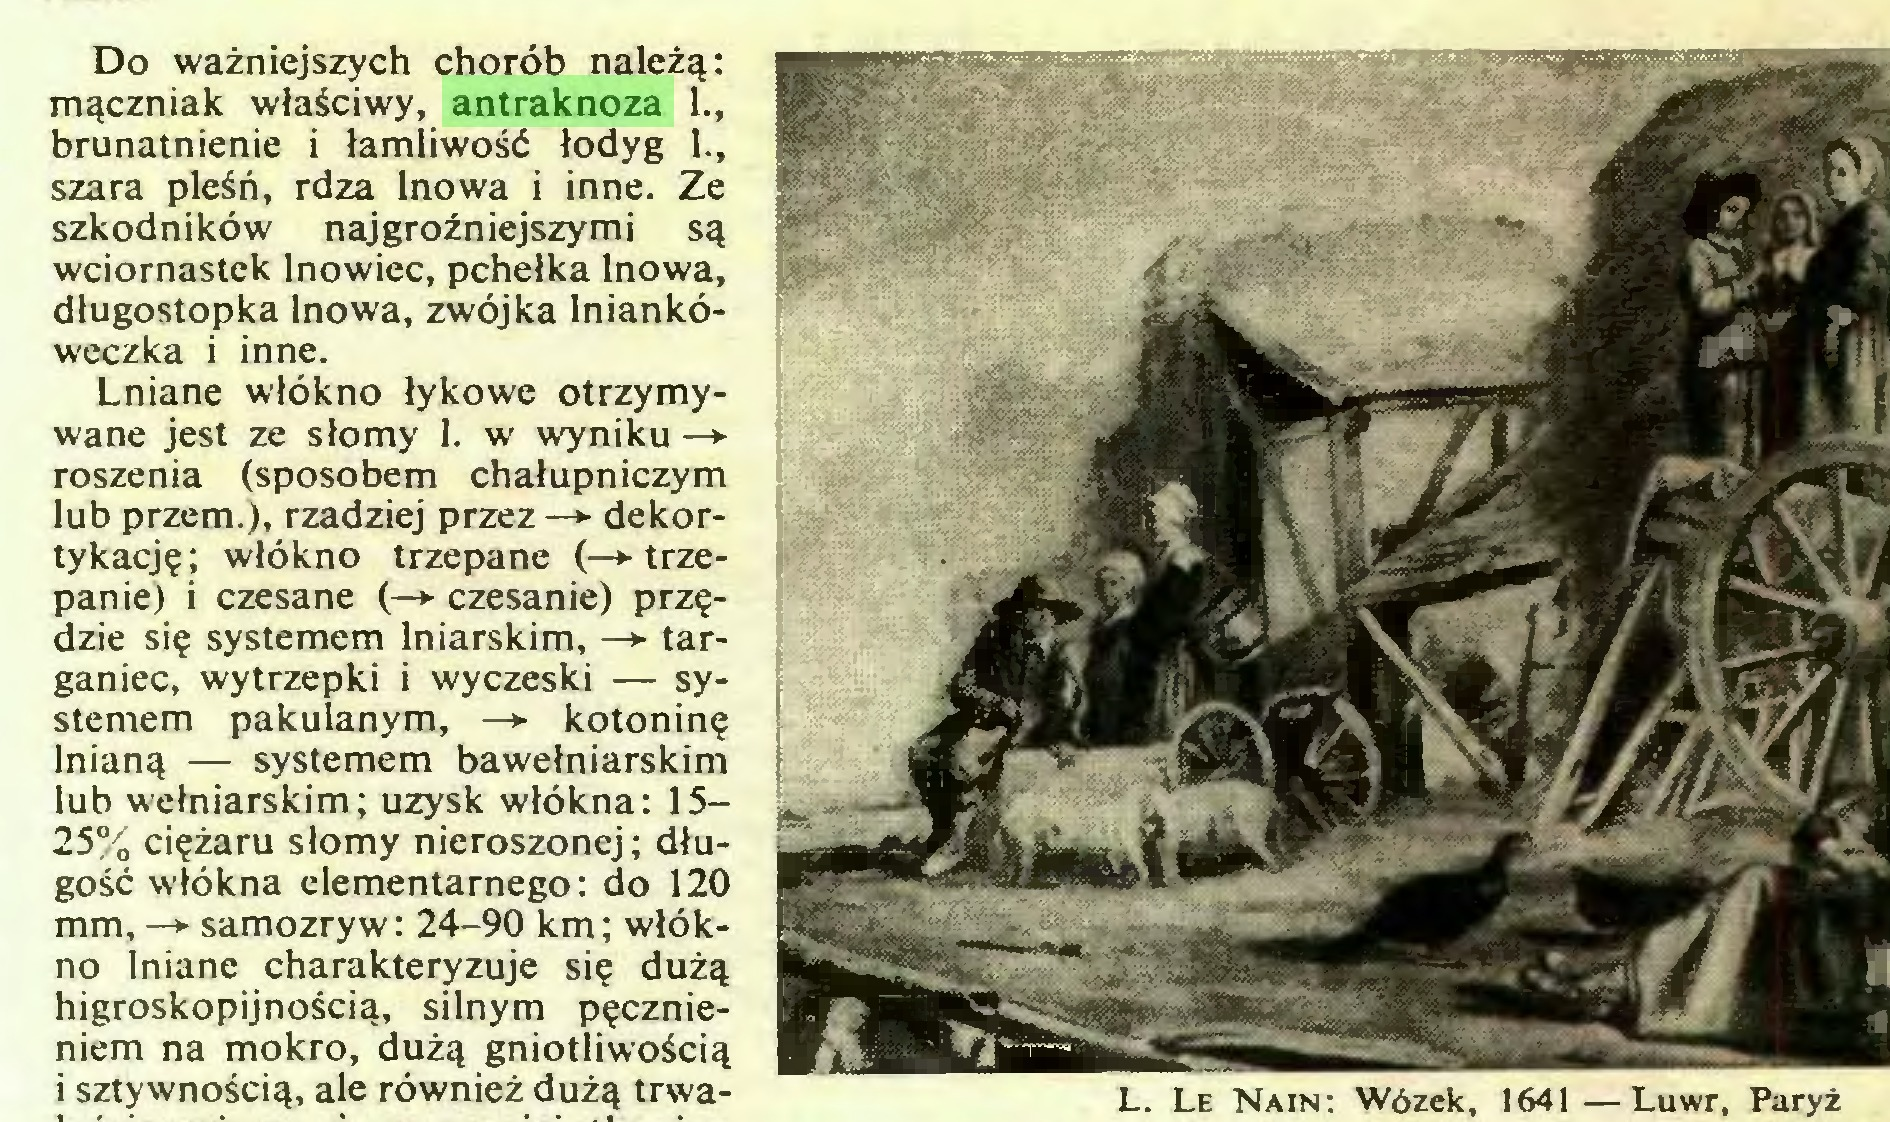 (...) L. Le Nain: Wózek, 1641—Luwr, Paryż Do ważniejszych chorób należą: mączniak właściwy, antraknoza 1., brunatnienie i łamliwość łodyg 1., szara pleśń, rdza lnowa i inne. Ze szkodników najgroźniejszymi są wciornastek lnowiec, pchełka lnowa, długostopka lnowa, zwójka lniankóweczka i inne...